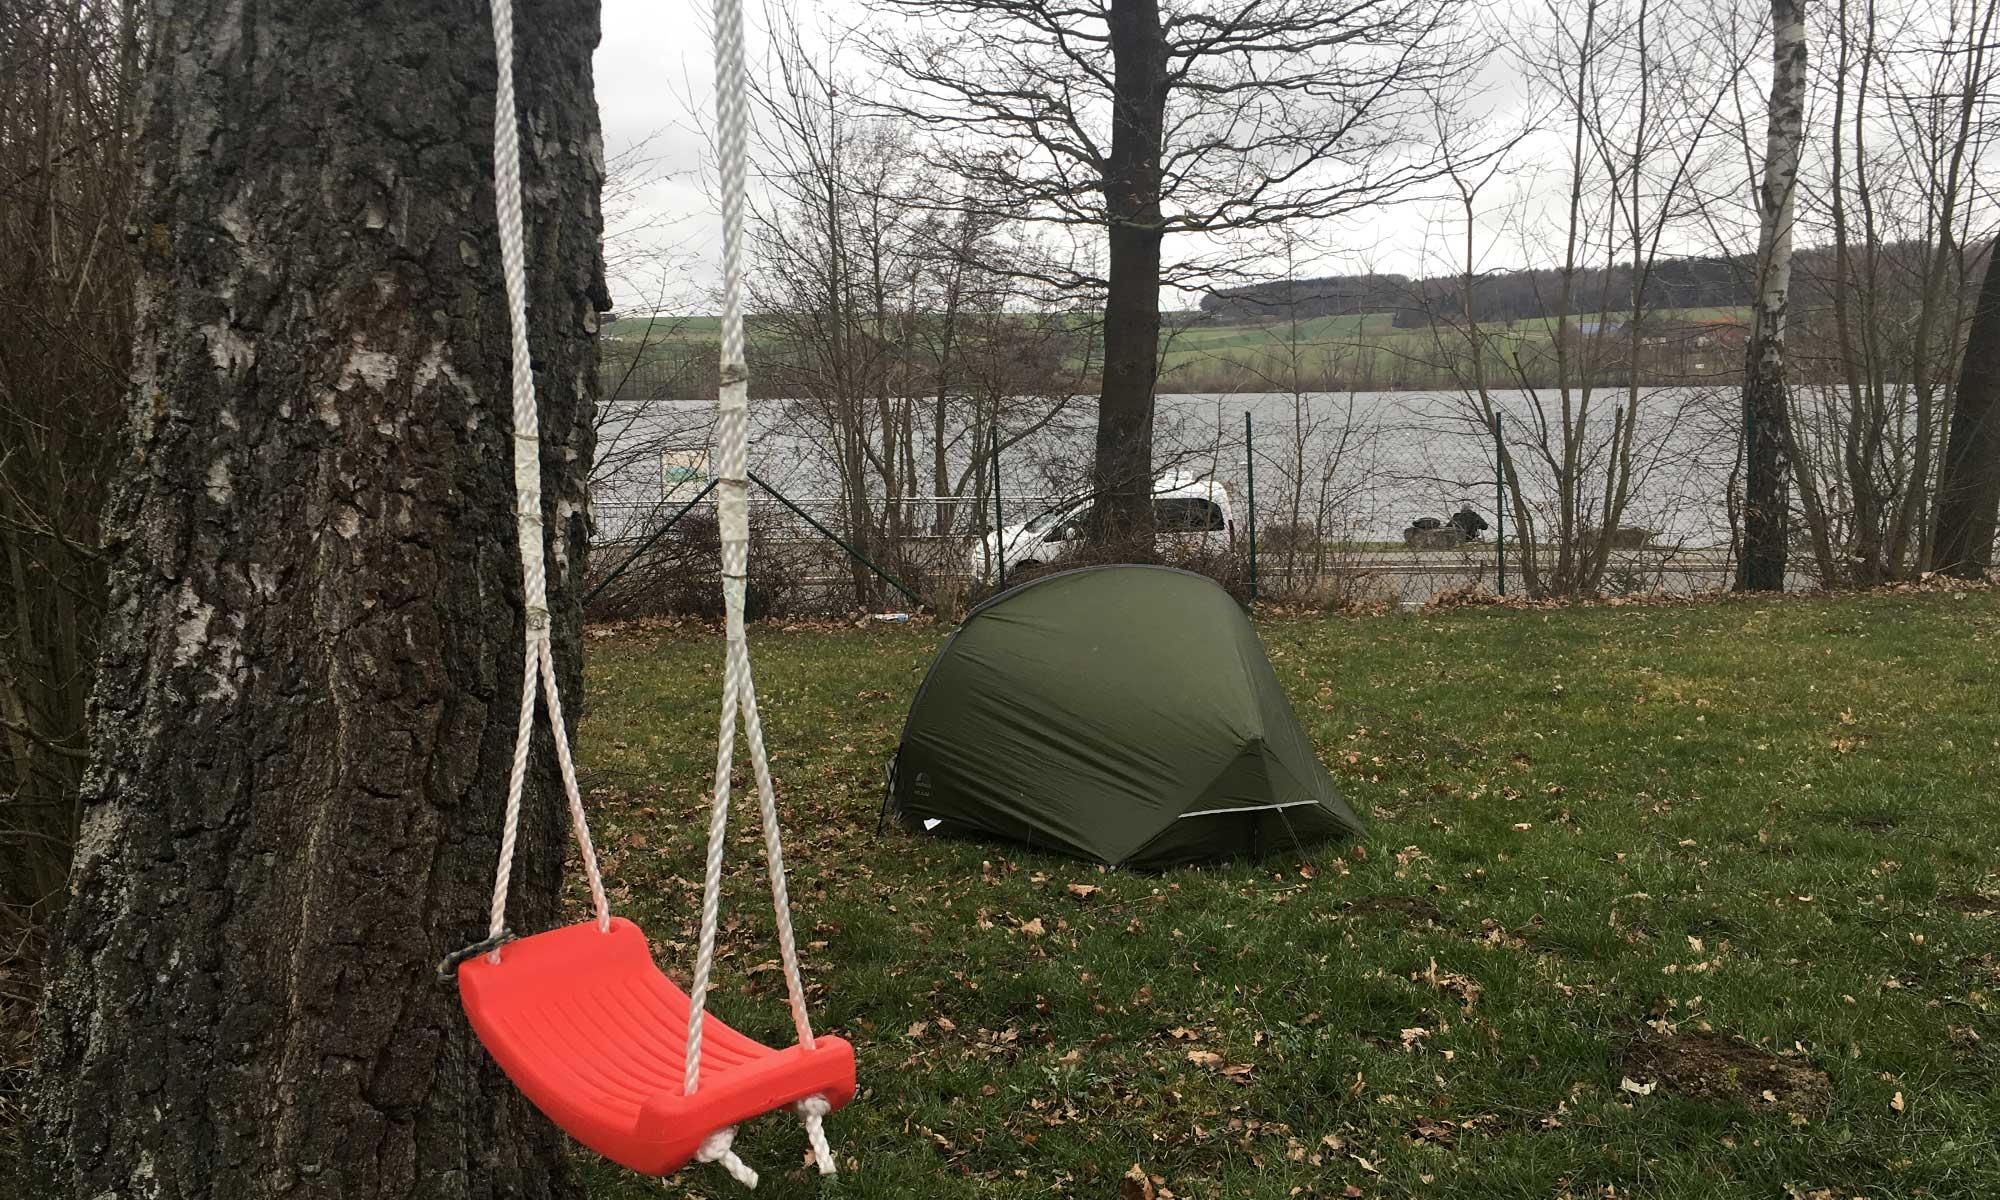 Das Zelt steht mit Blick auf das Wasser